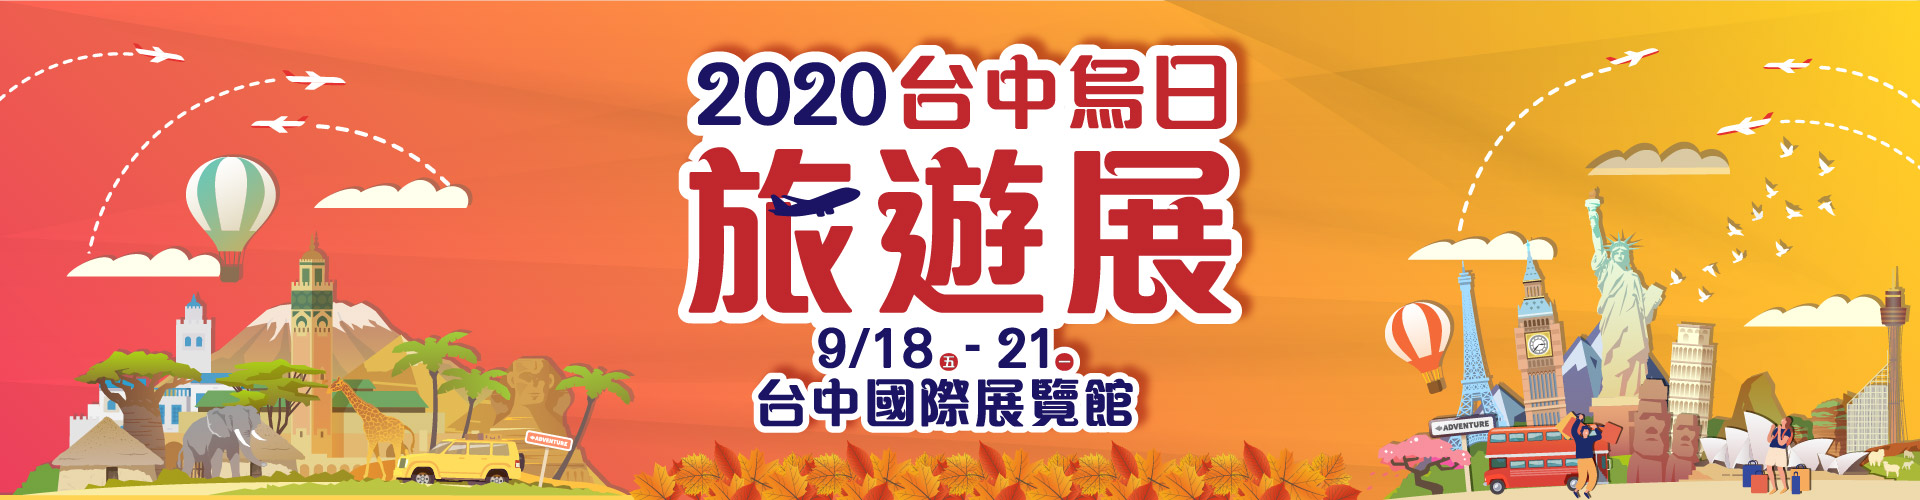 2020台中烏日旅遊展